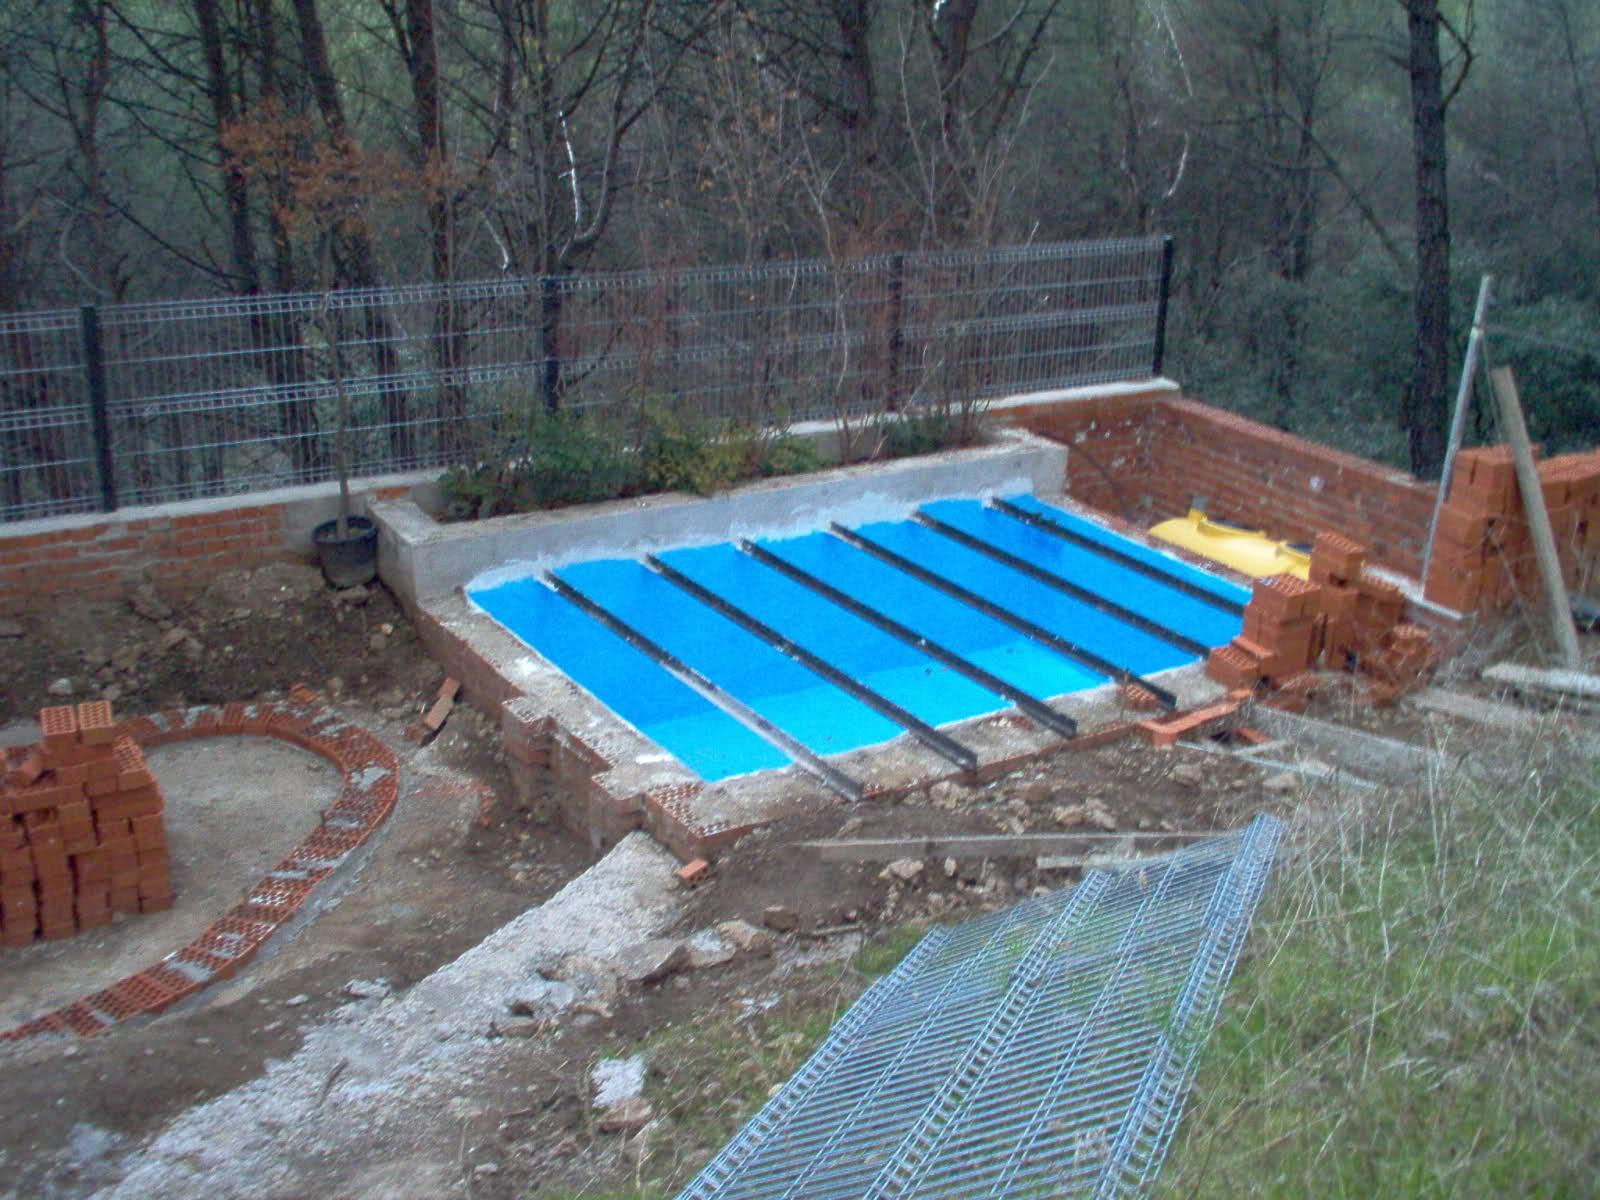 Tanques soterrados para recoger agua de lluvia p gina 2 - Recoger agua de lluvia ...